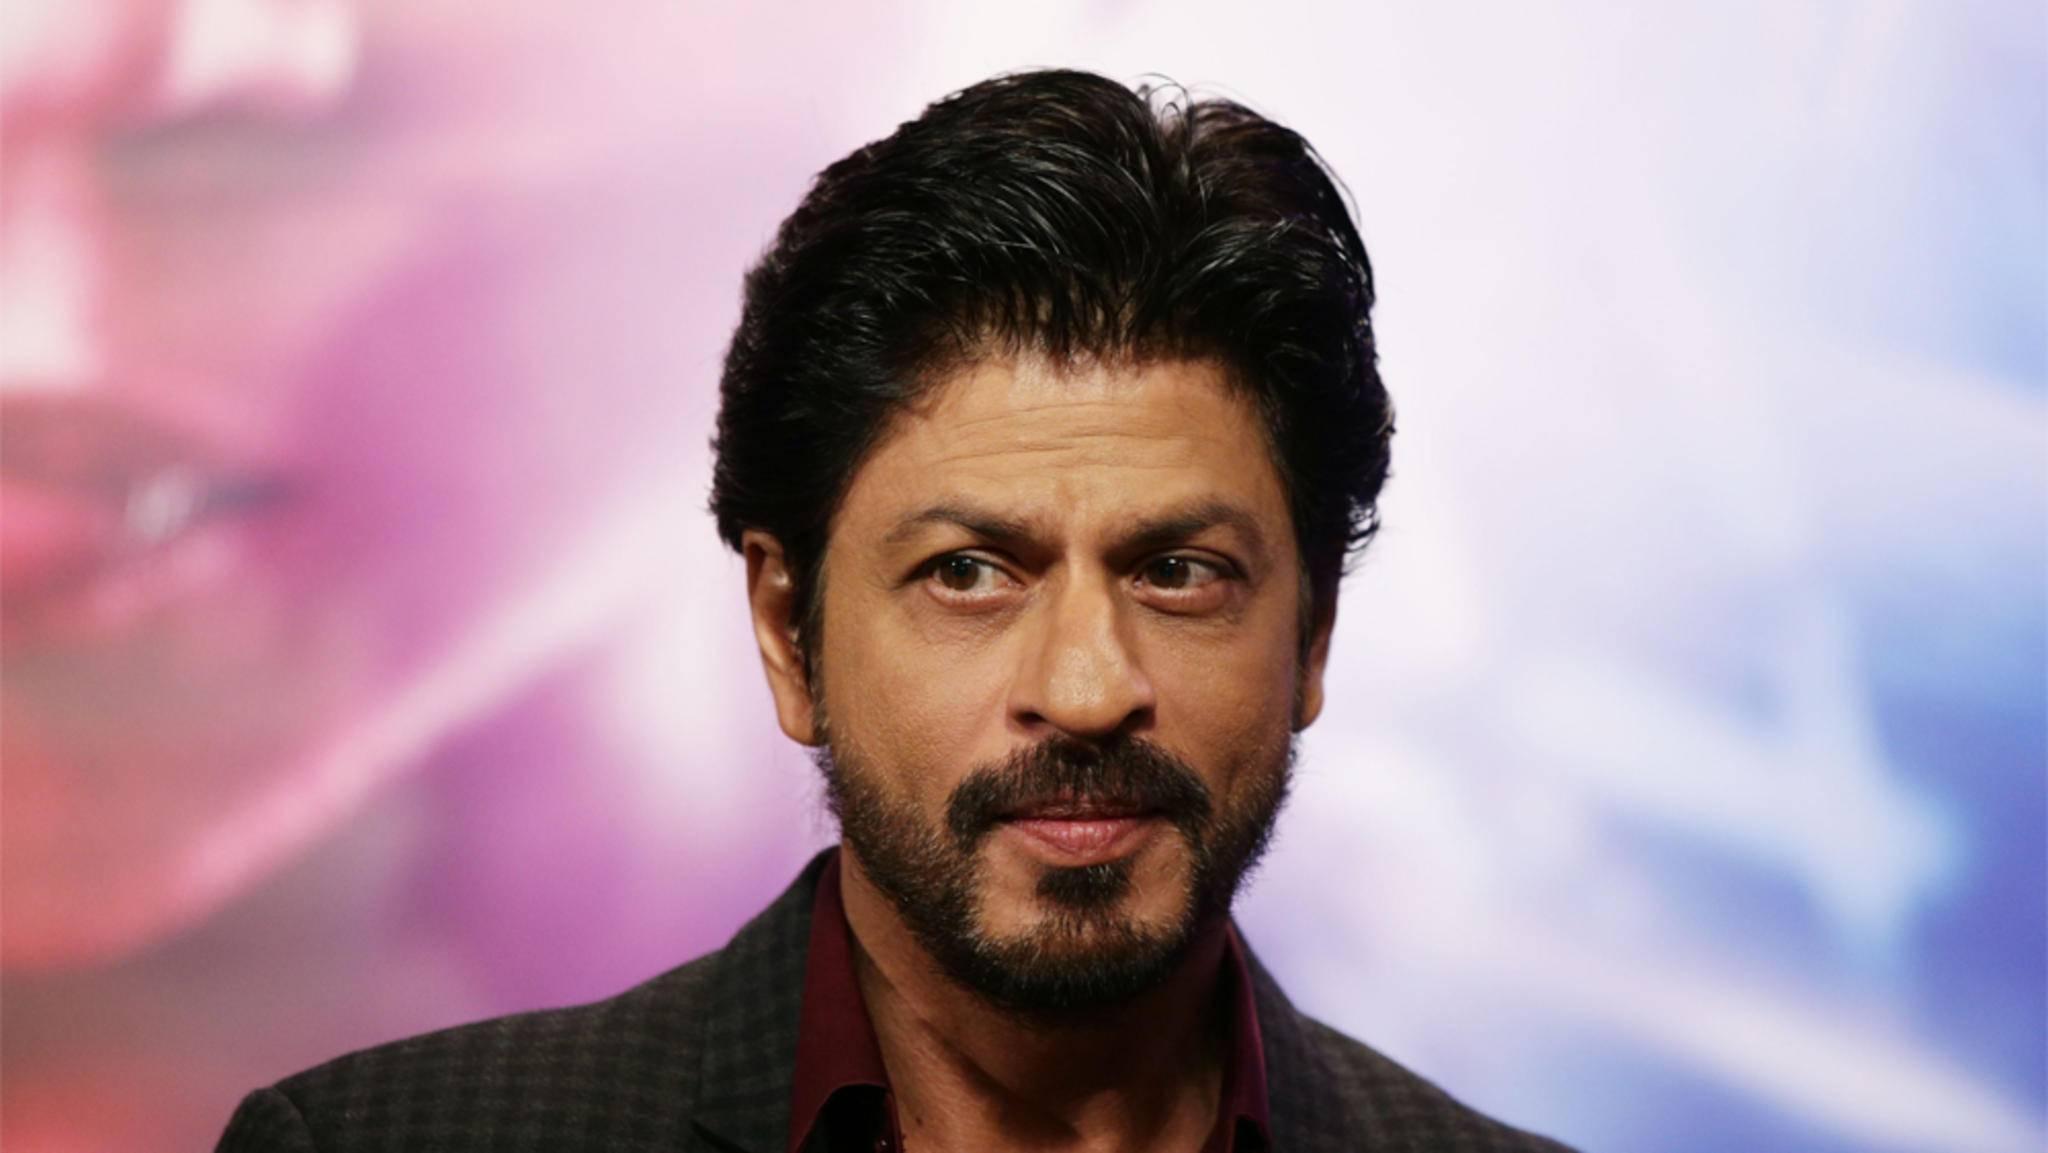 Shah Rukh Khan ist der unangefochtene König von Bollywood.